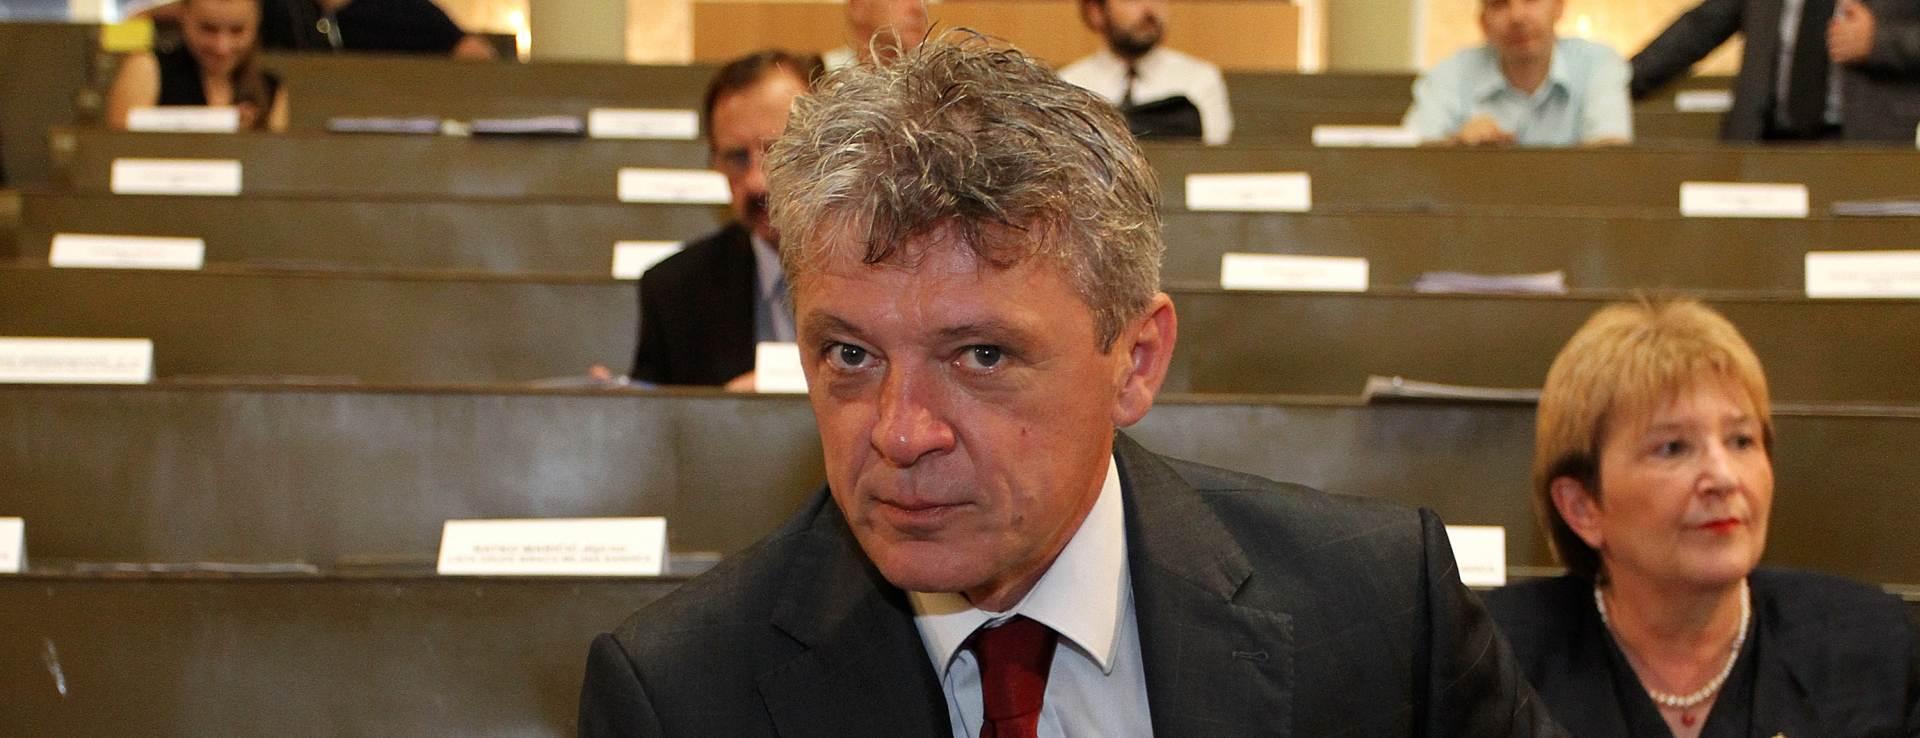 """TURUDIĆ """"Najveći problem u Županijskom sudu biti smještajni kapaciteti za spise u slučaju Agrokor"""""""